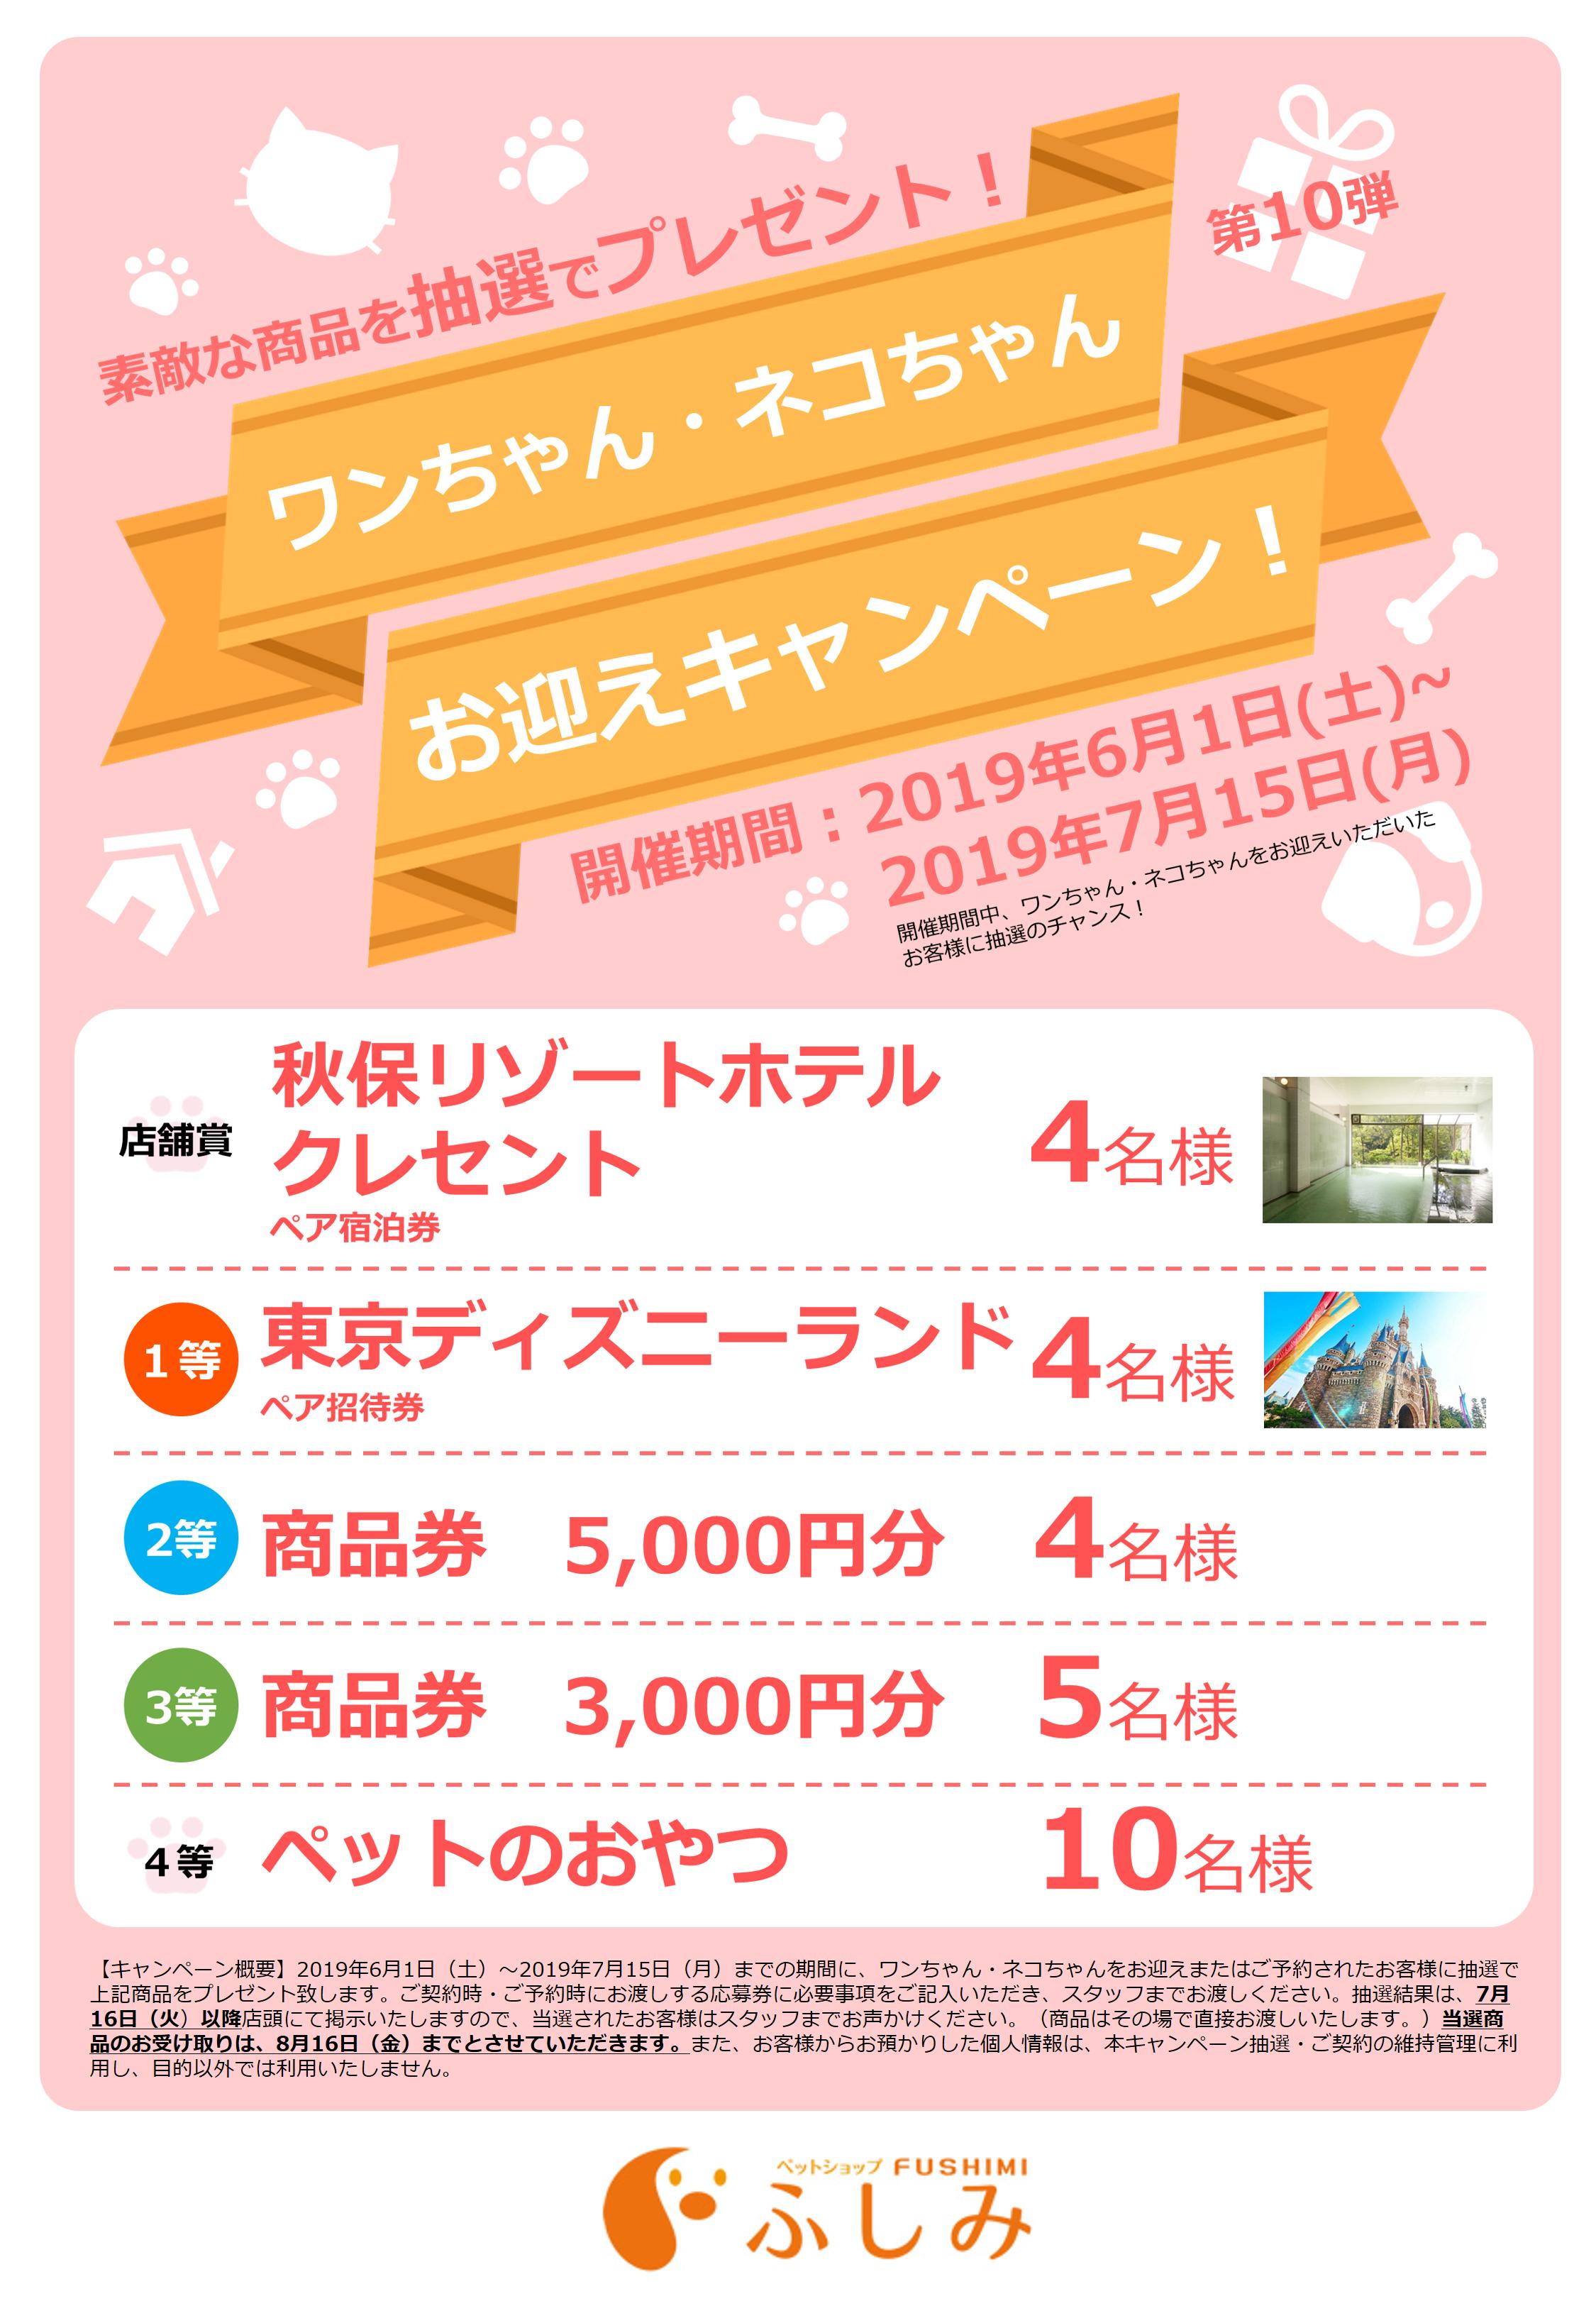 2019年・第10弾・お迎えキャンペーン開催・宮城5店舗・ふしみ~・~6/1~7/15まで・第30回・TVCM放映・取材風景